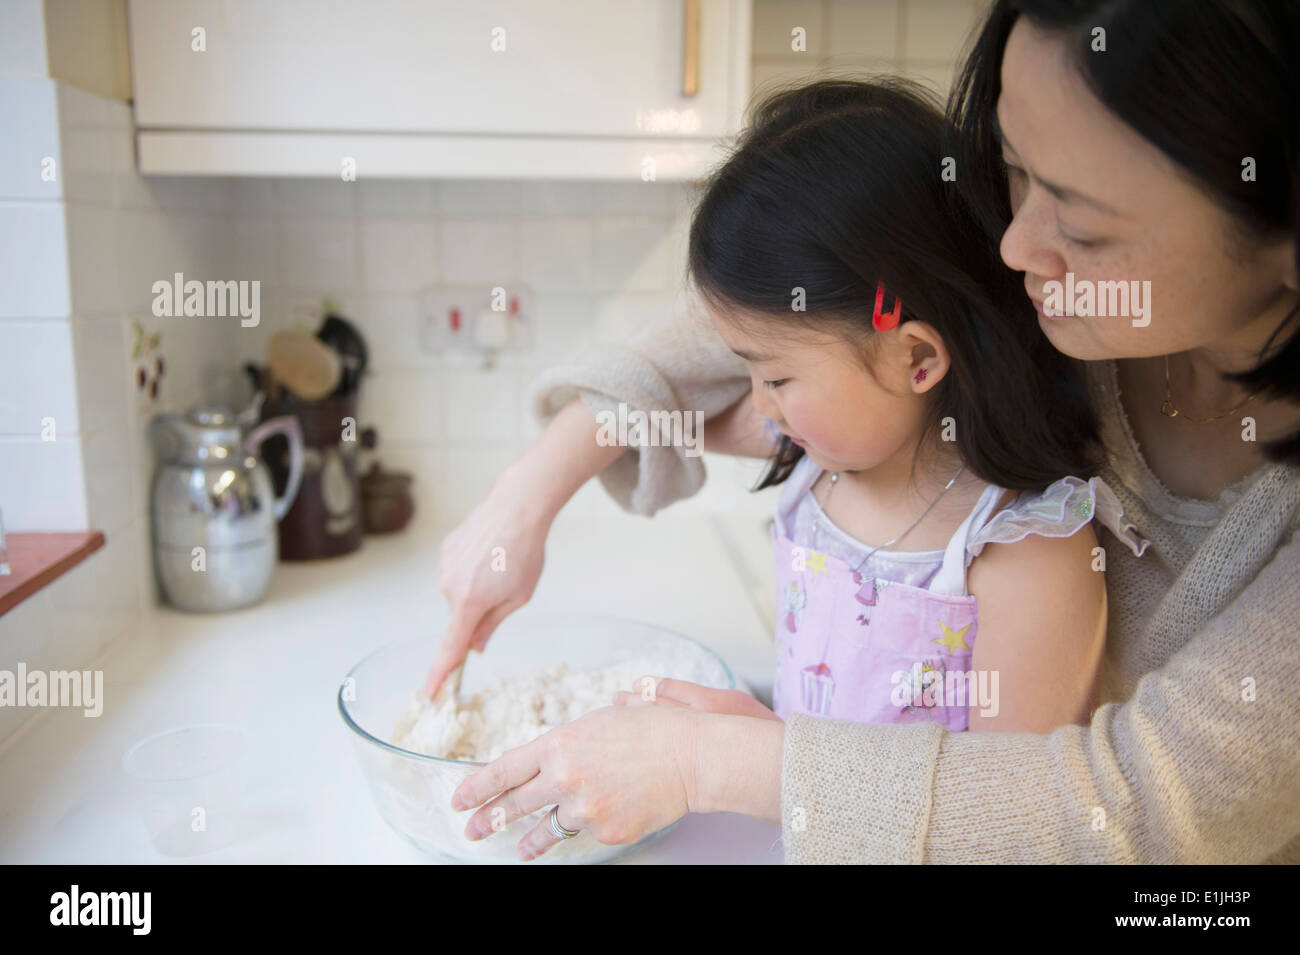 Mère et fille en cuisine, le mélange des ingrédients dans un bol Photo Stock